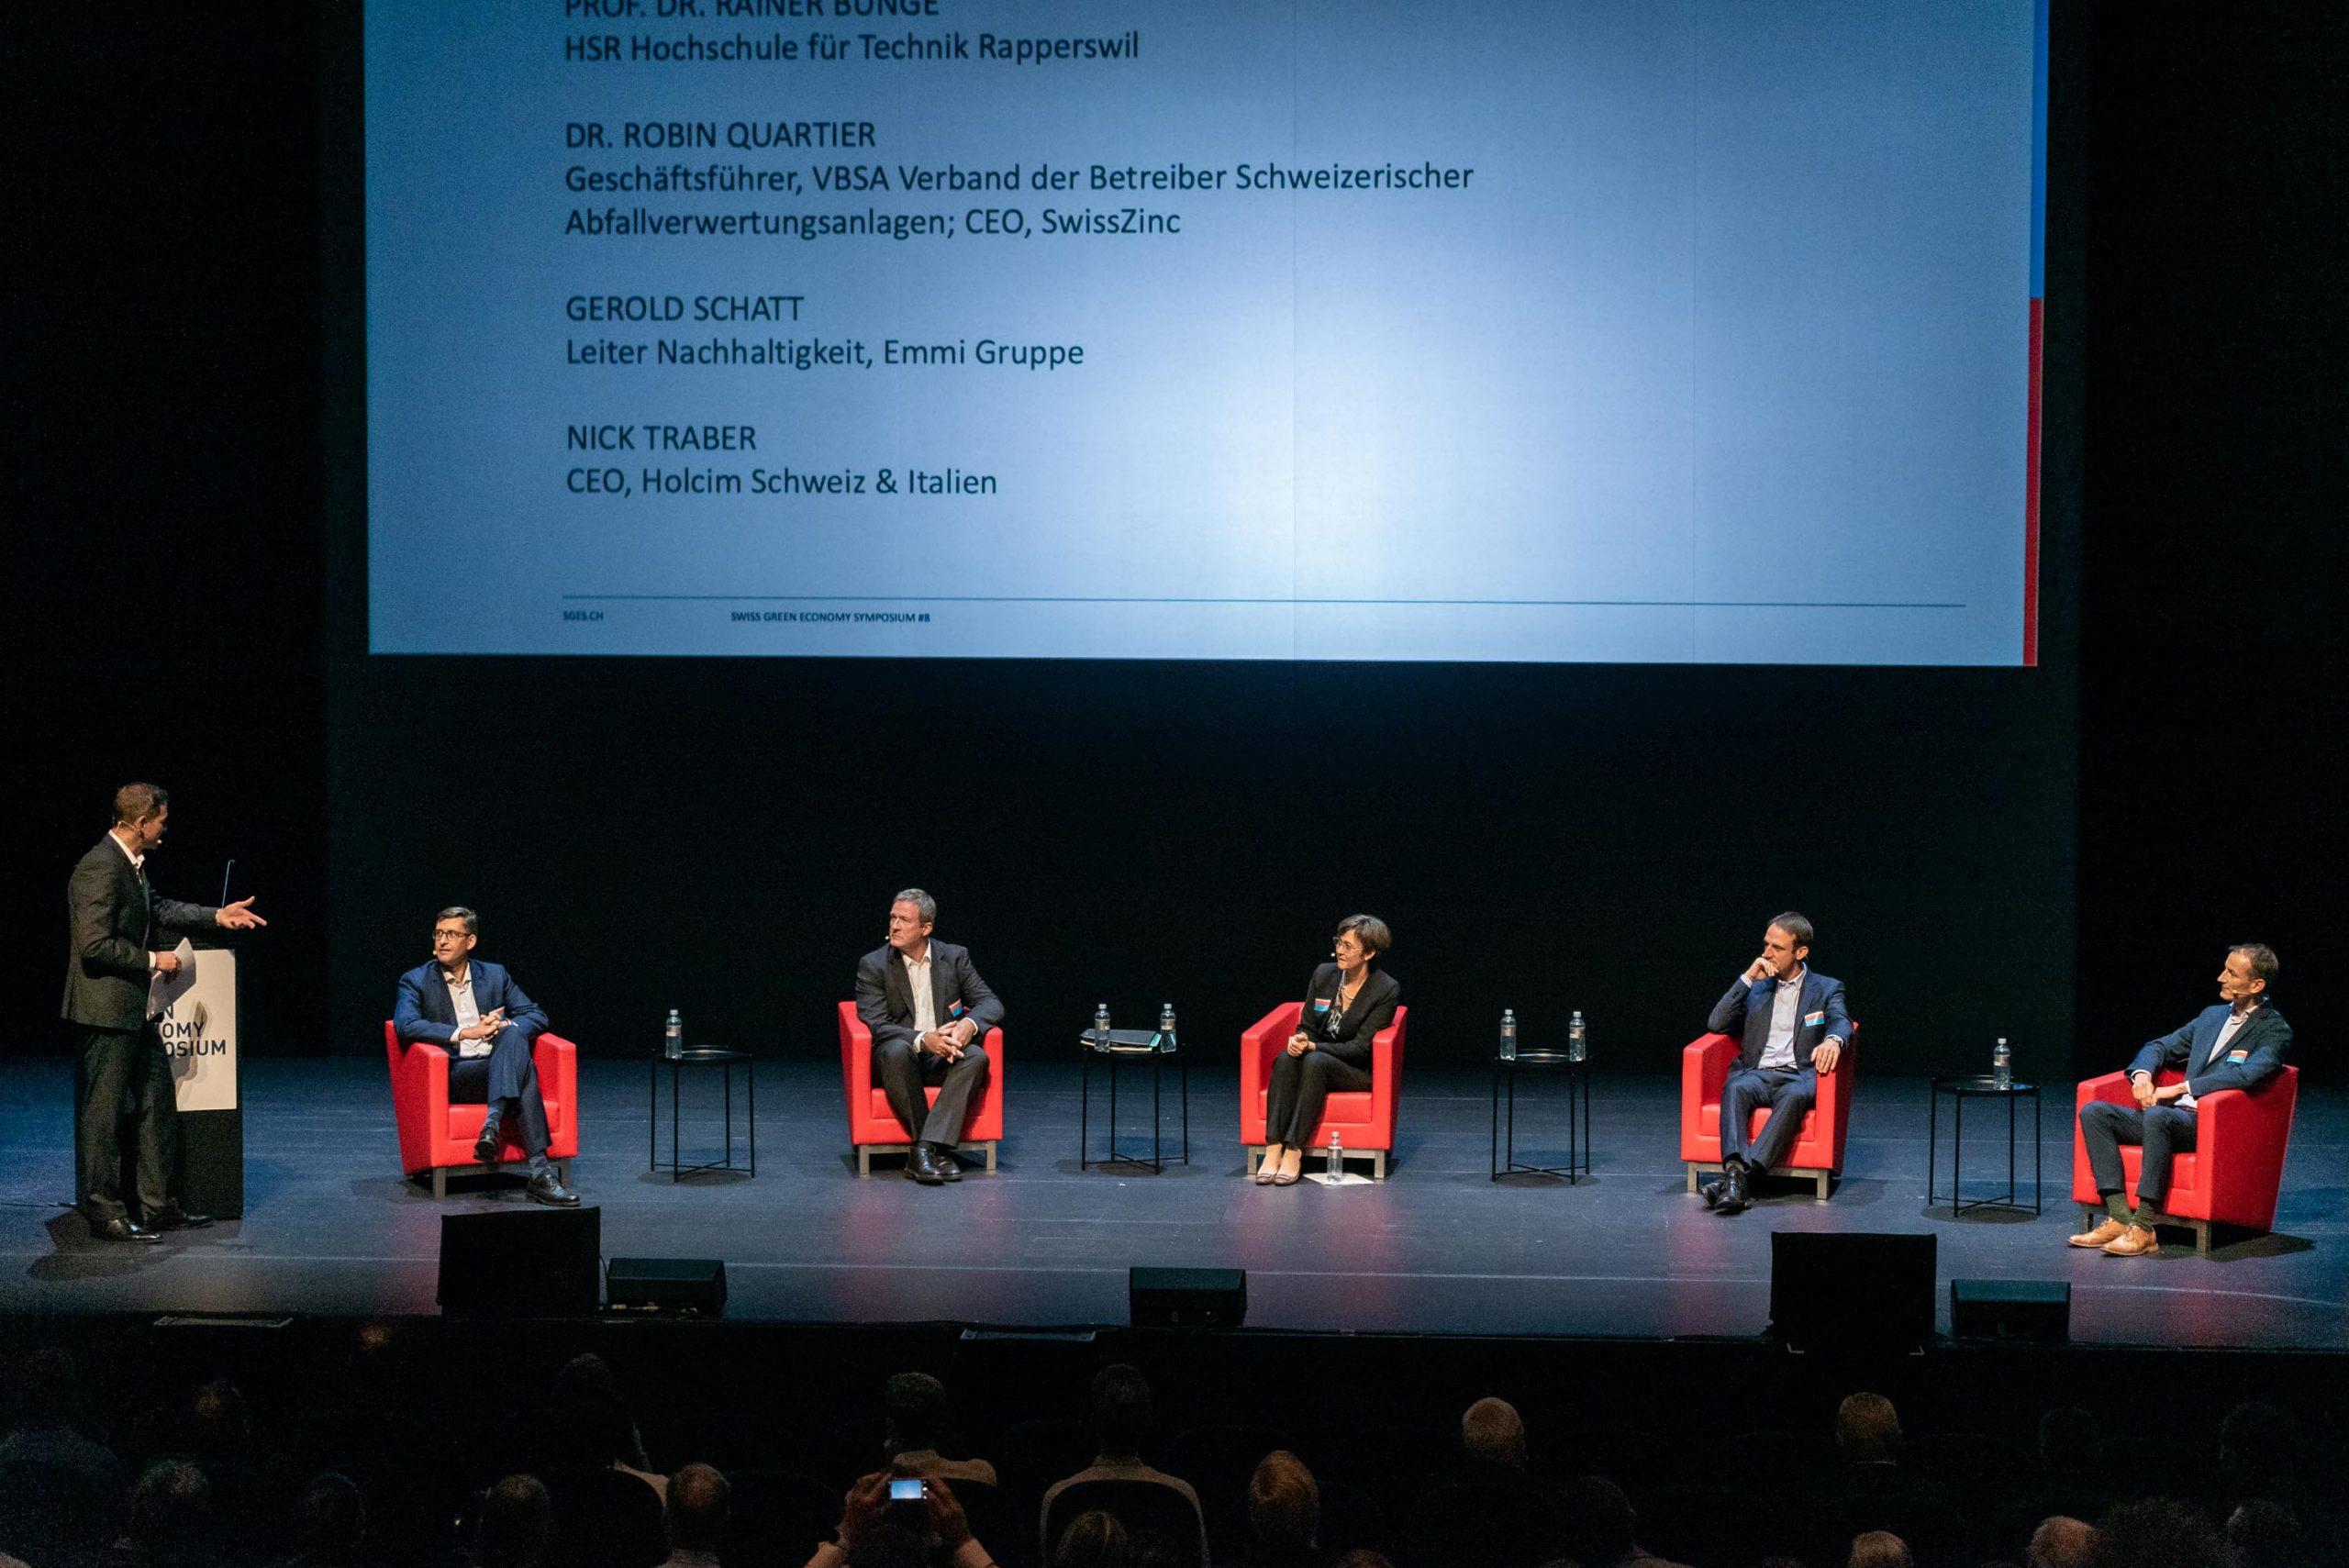 """Panel """"Ressourcen / Kreislaufwirtschaft: wie erreichen wir die Ziele?"""""""